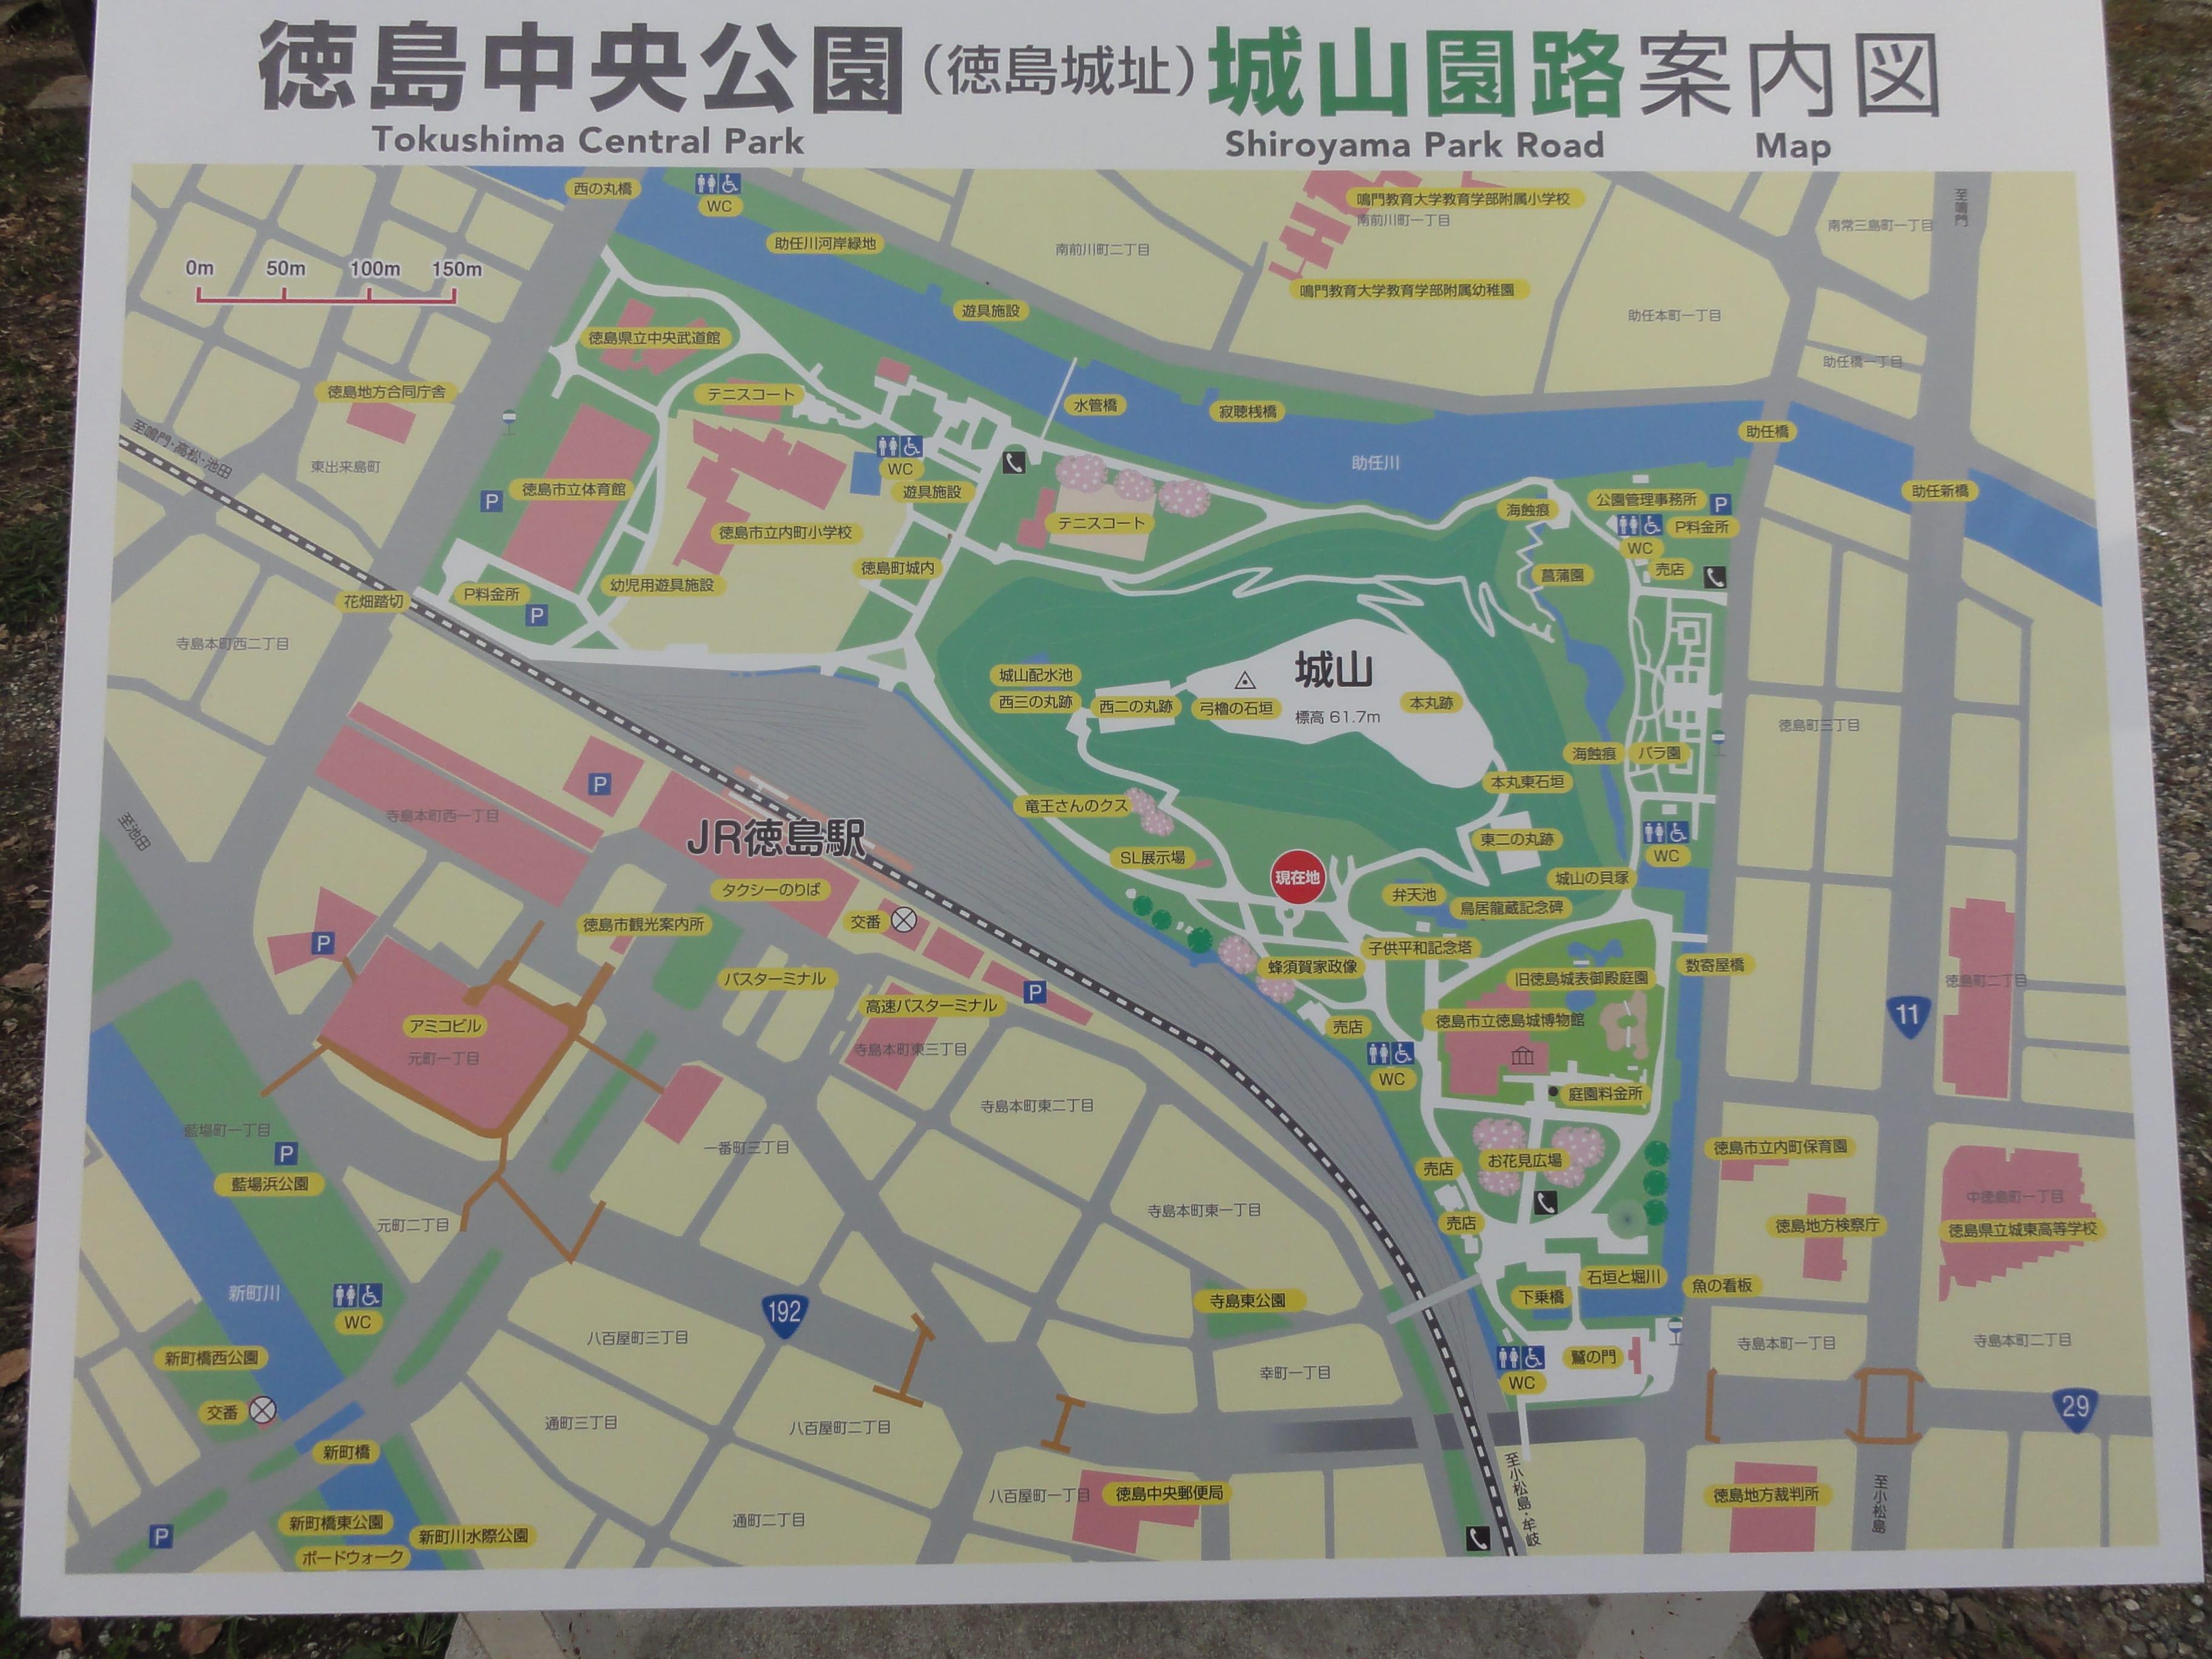 徳島中央公園マップ